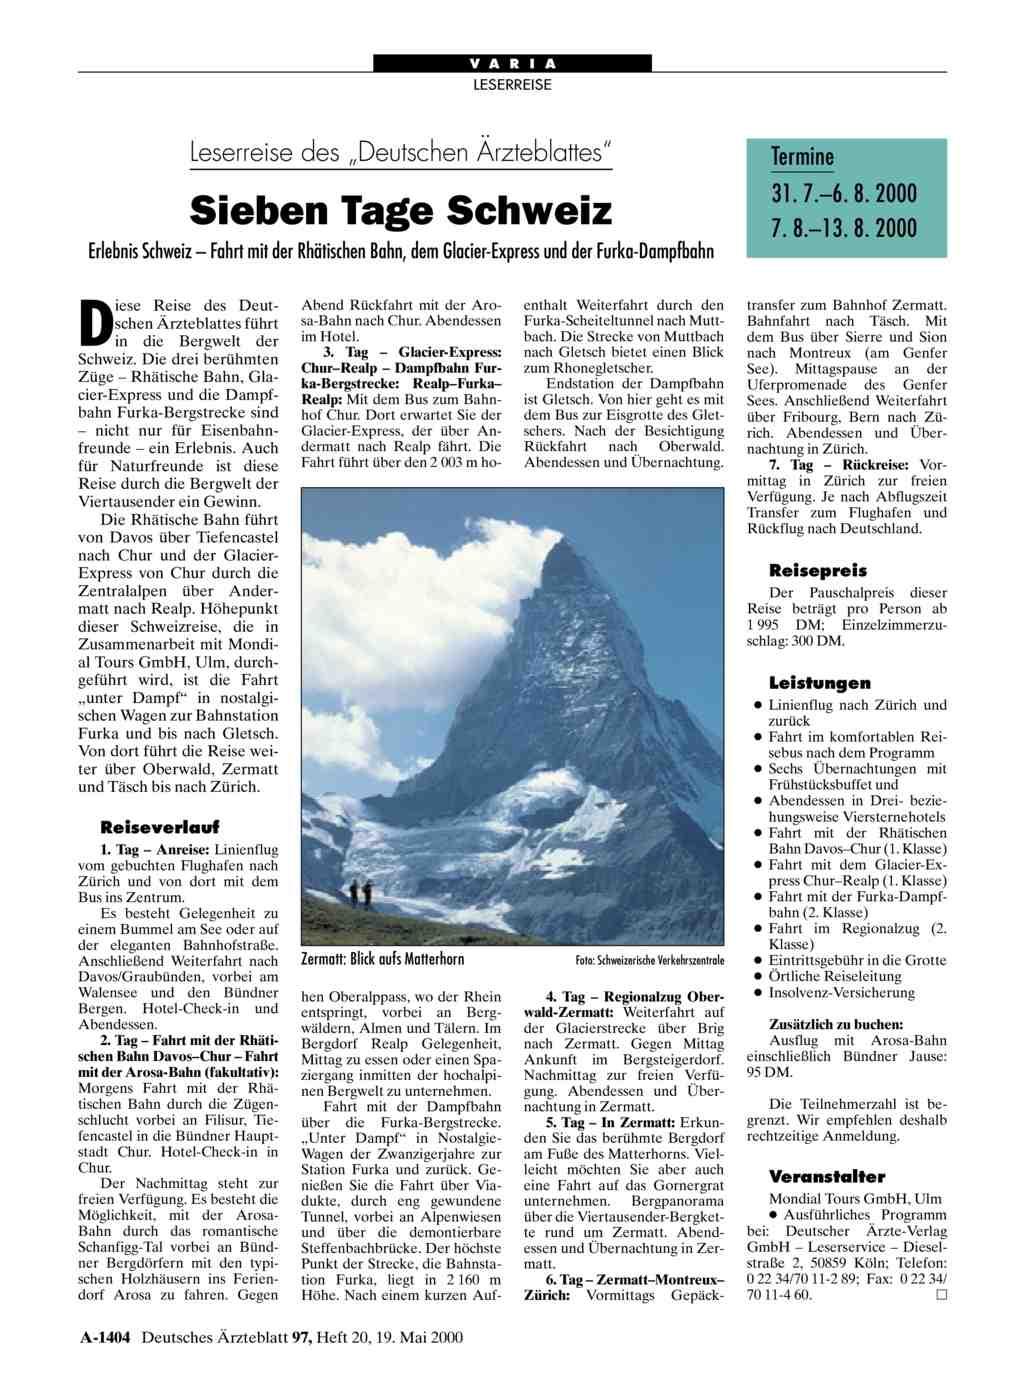 Leserreise des deutschen rzteblattes sieben tage schweiz for Medizin studieren schweiz